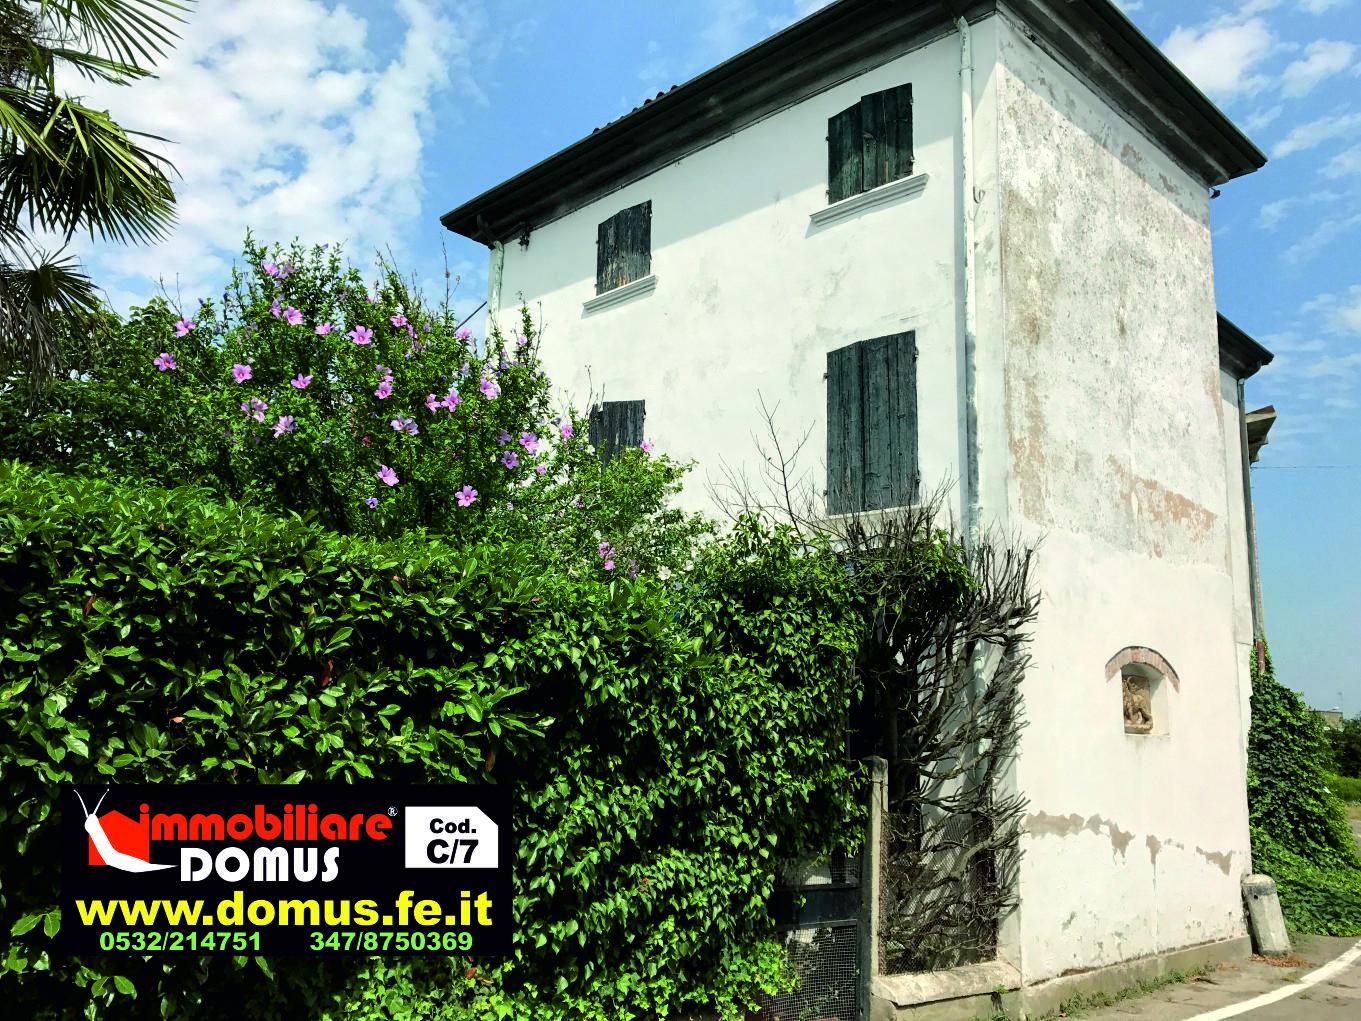 Soluzione Indipendente in vendita a Canaro, 11 locali, prezzo € 150.000 | CambioCasa.it